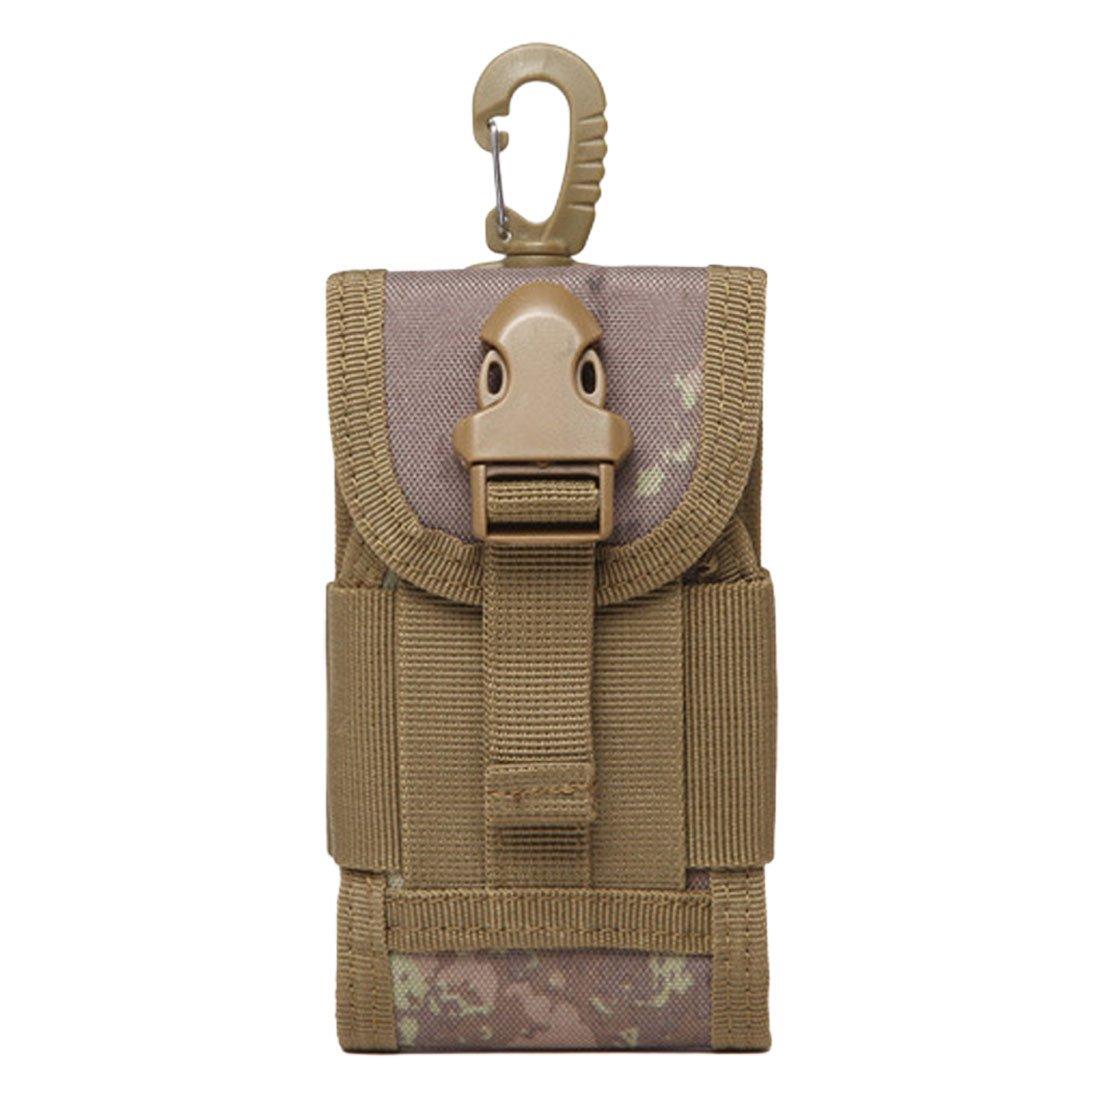 NoyoKere Portable Outdoor Tactical Ceinture Sac de Taille pour Mobile Téléphone Crochet Couverture Poche Cas Dur Portant Heavy Duty Kaki